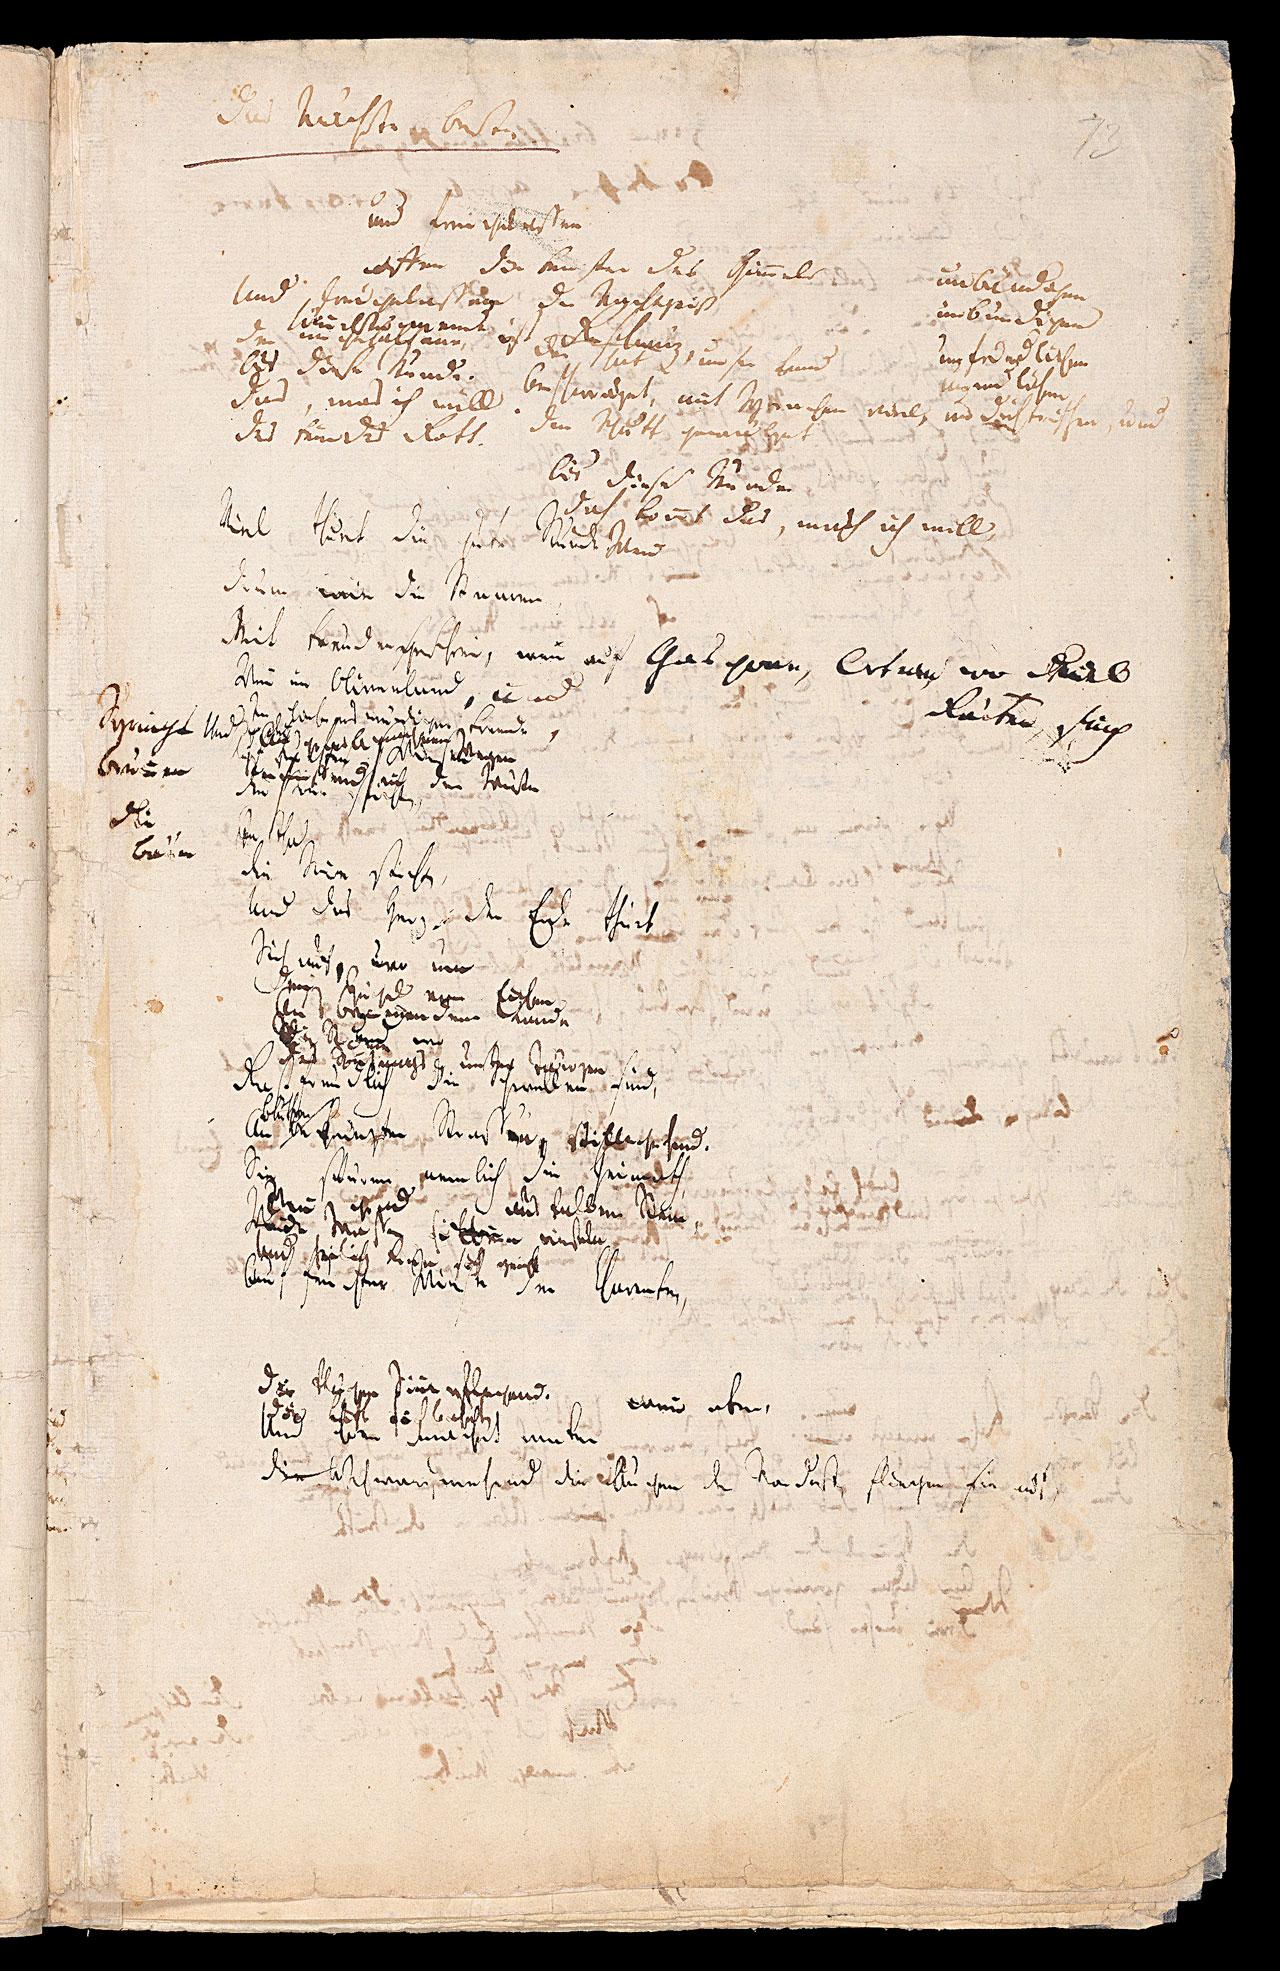 Friedrich Hölderlin, Homburger Folioheft, Seite 73, Das Nächste Beste, Handschrift